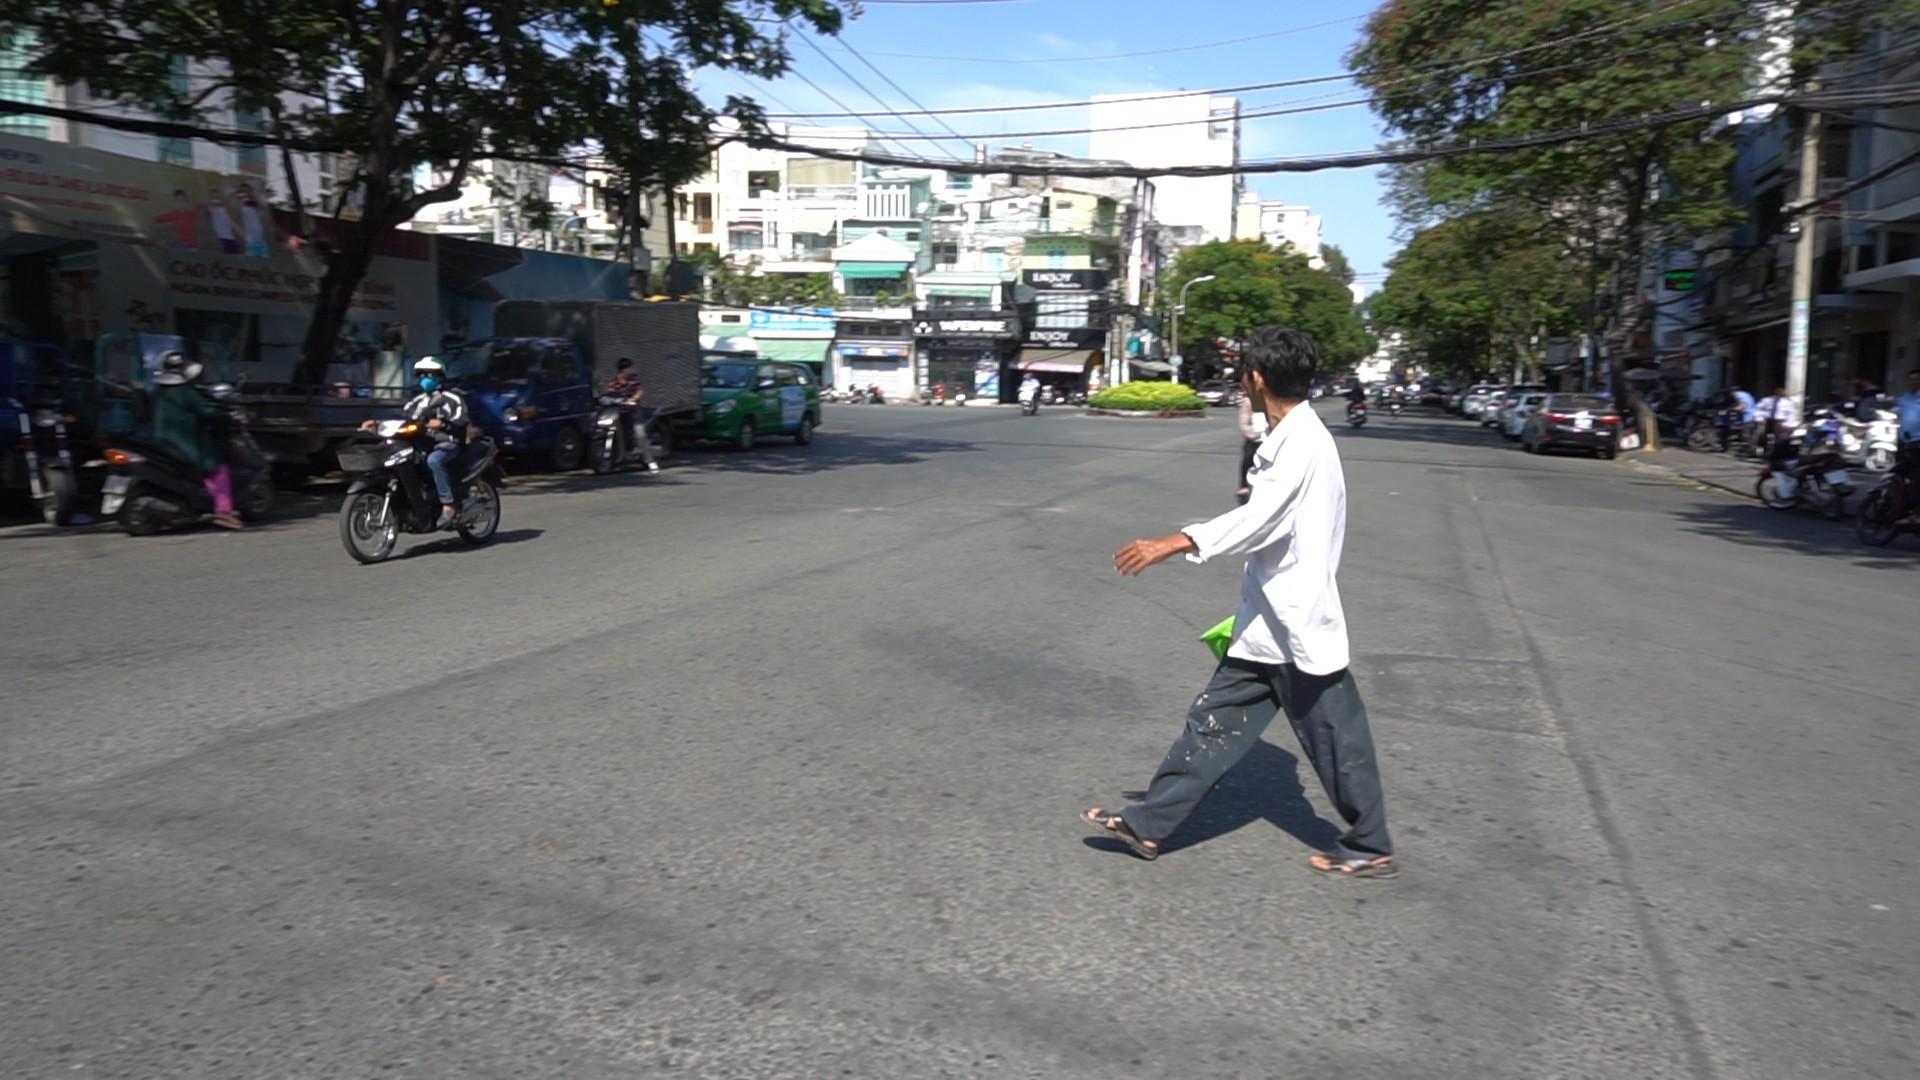 Tè bậy bên đường, người đàn ông bị đâm chết ở Sài Gòn - Ảnh 1.